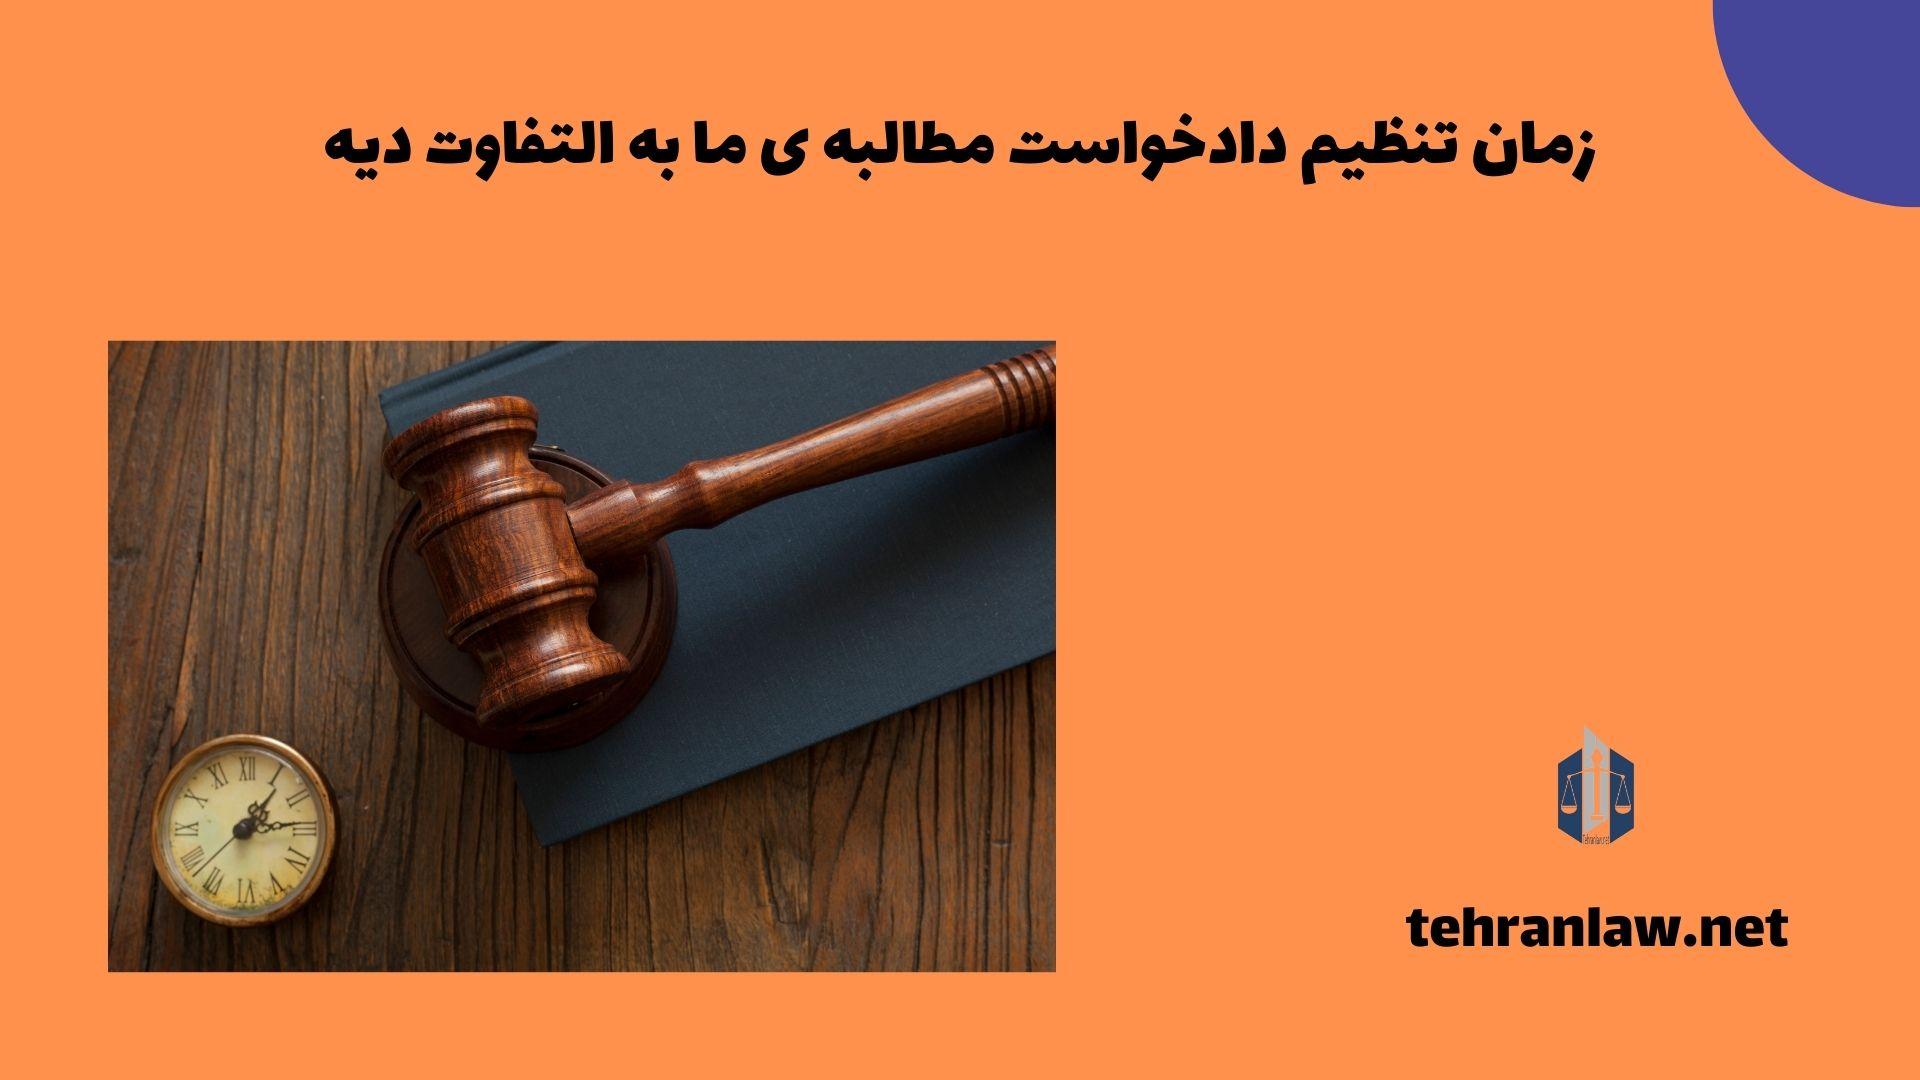 زمان تنظیم دادخواست مطالبه ی ما به التفاوت دیه